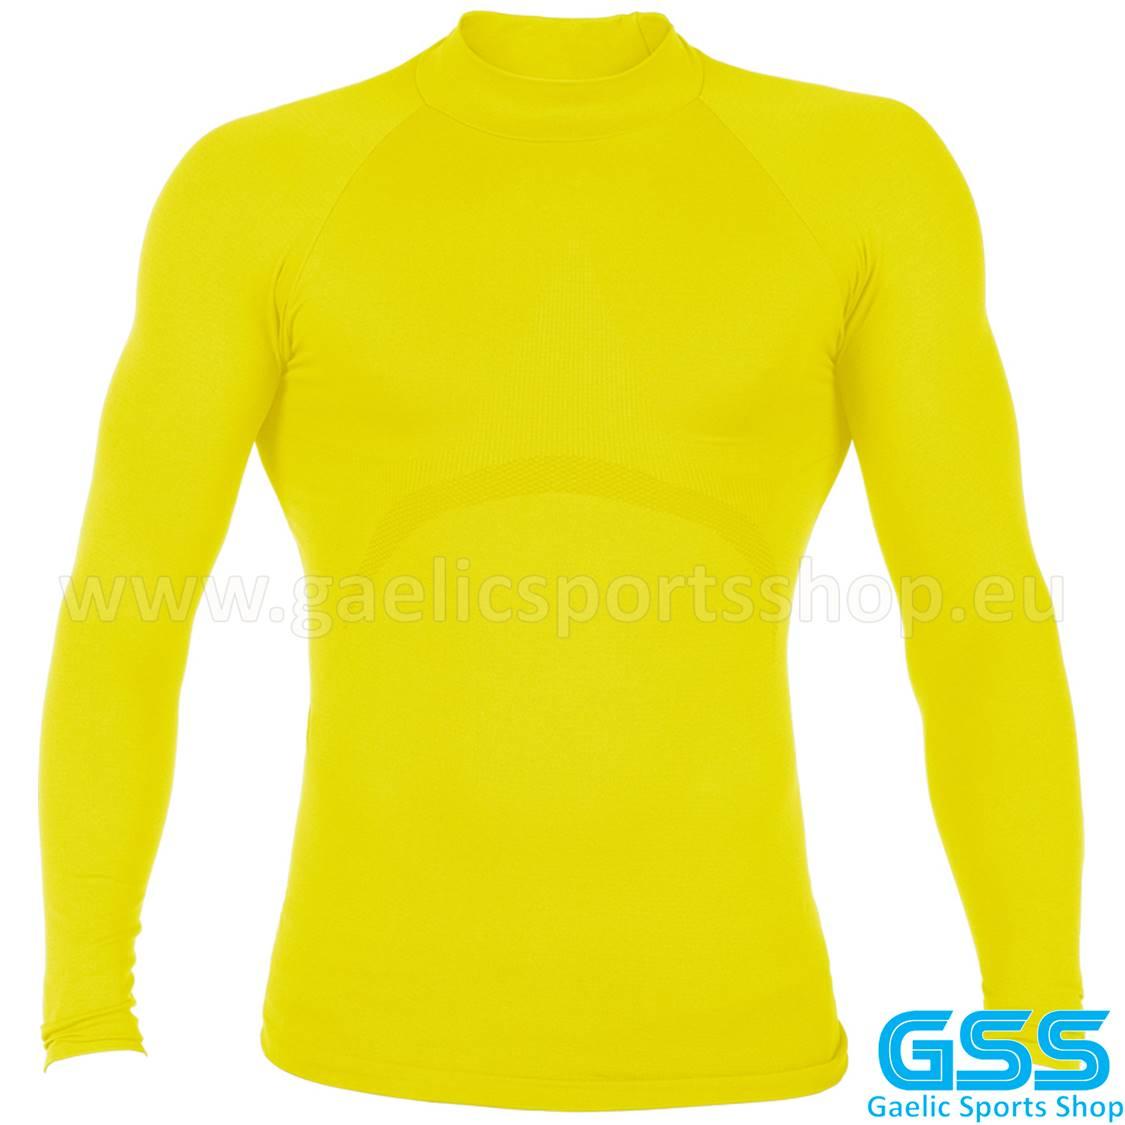 Camiseta Termica GSS One Amarilla 01